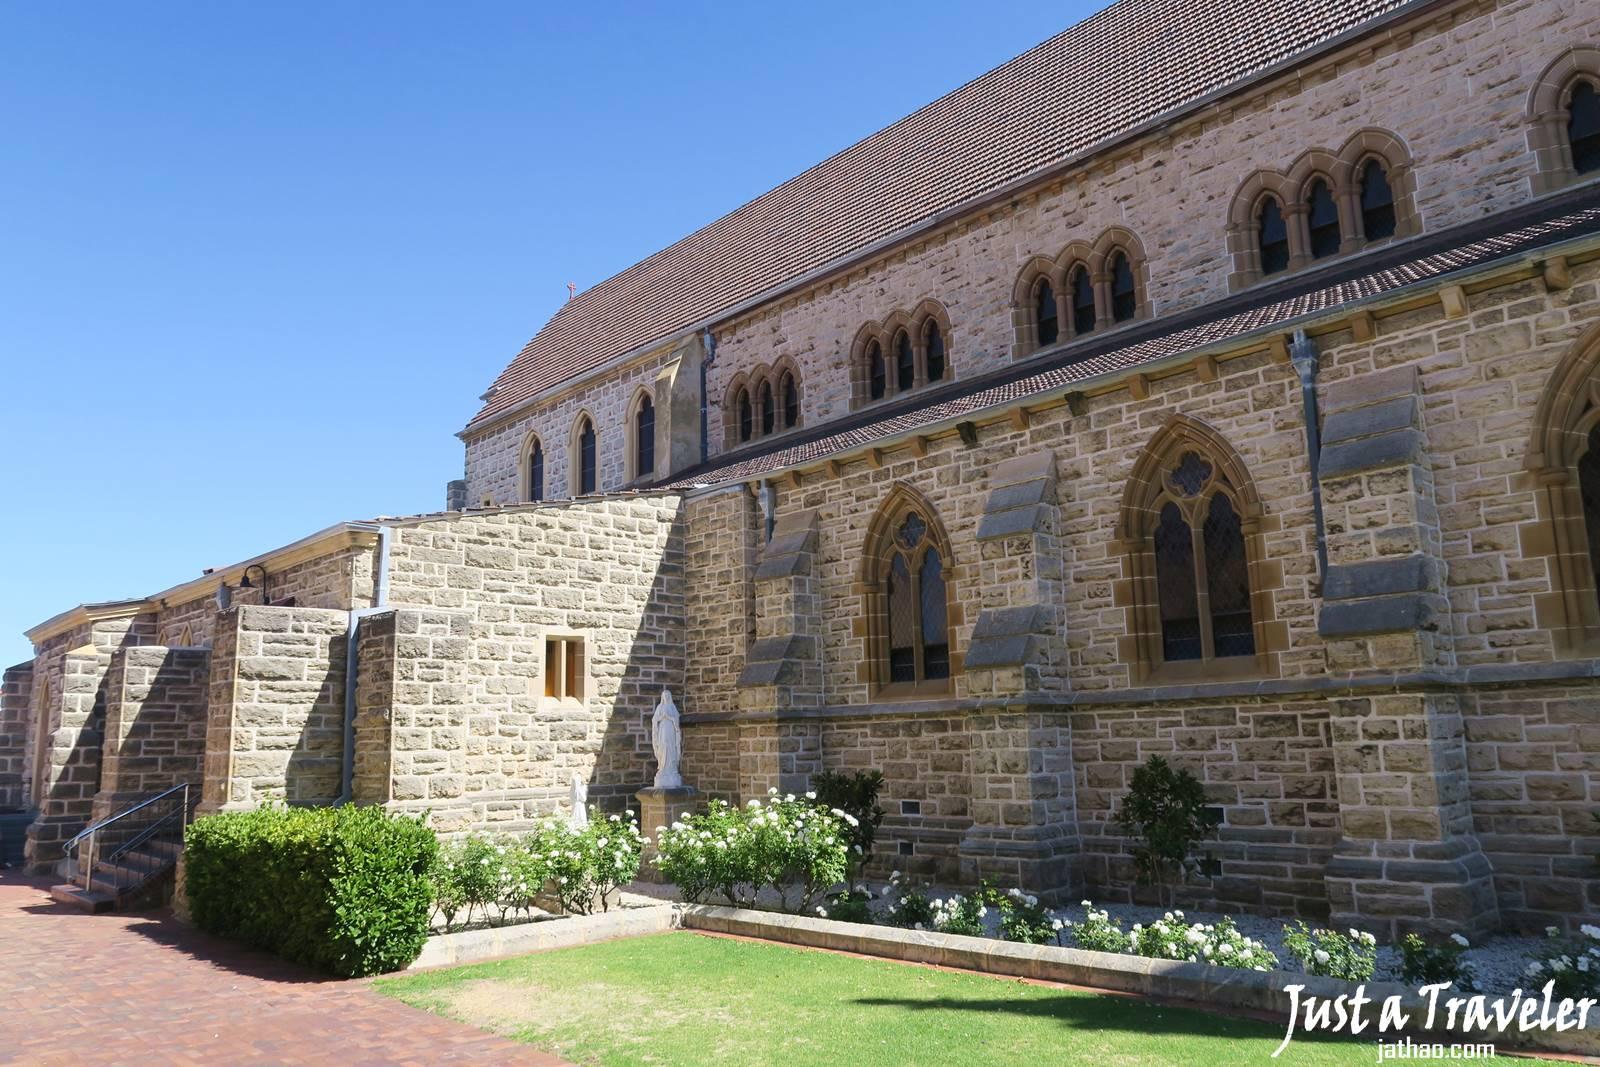 伯斯-推薦-景點-費里曼圖-Fremantle-聖巴德利爵聖殿-St.-Patrick-Basilica-Church-自由行-交通-必去-必玩-美食-旅遊-行程-一日遊-遊記